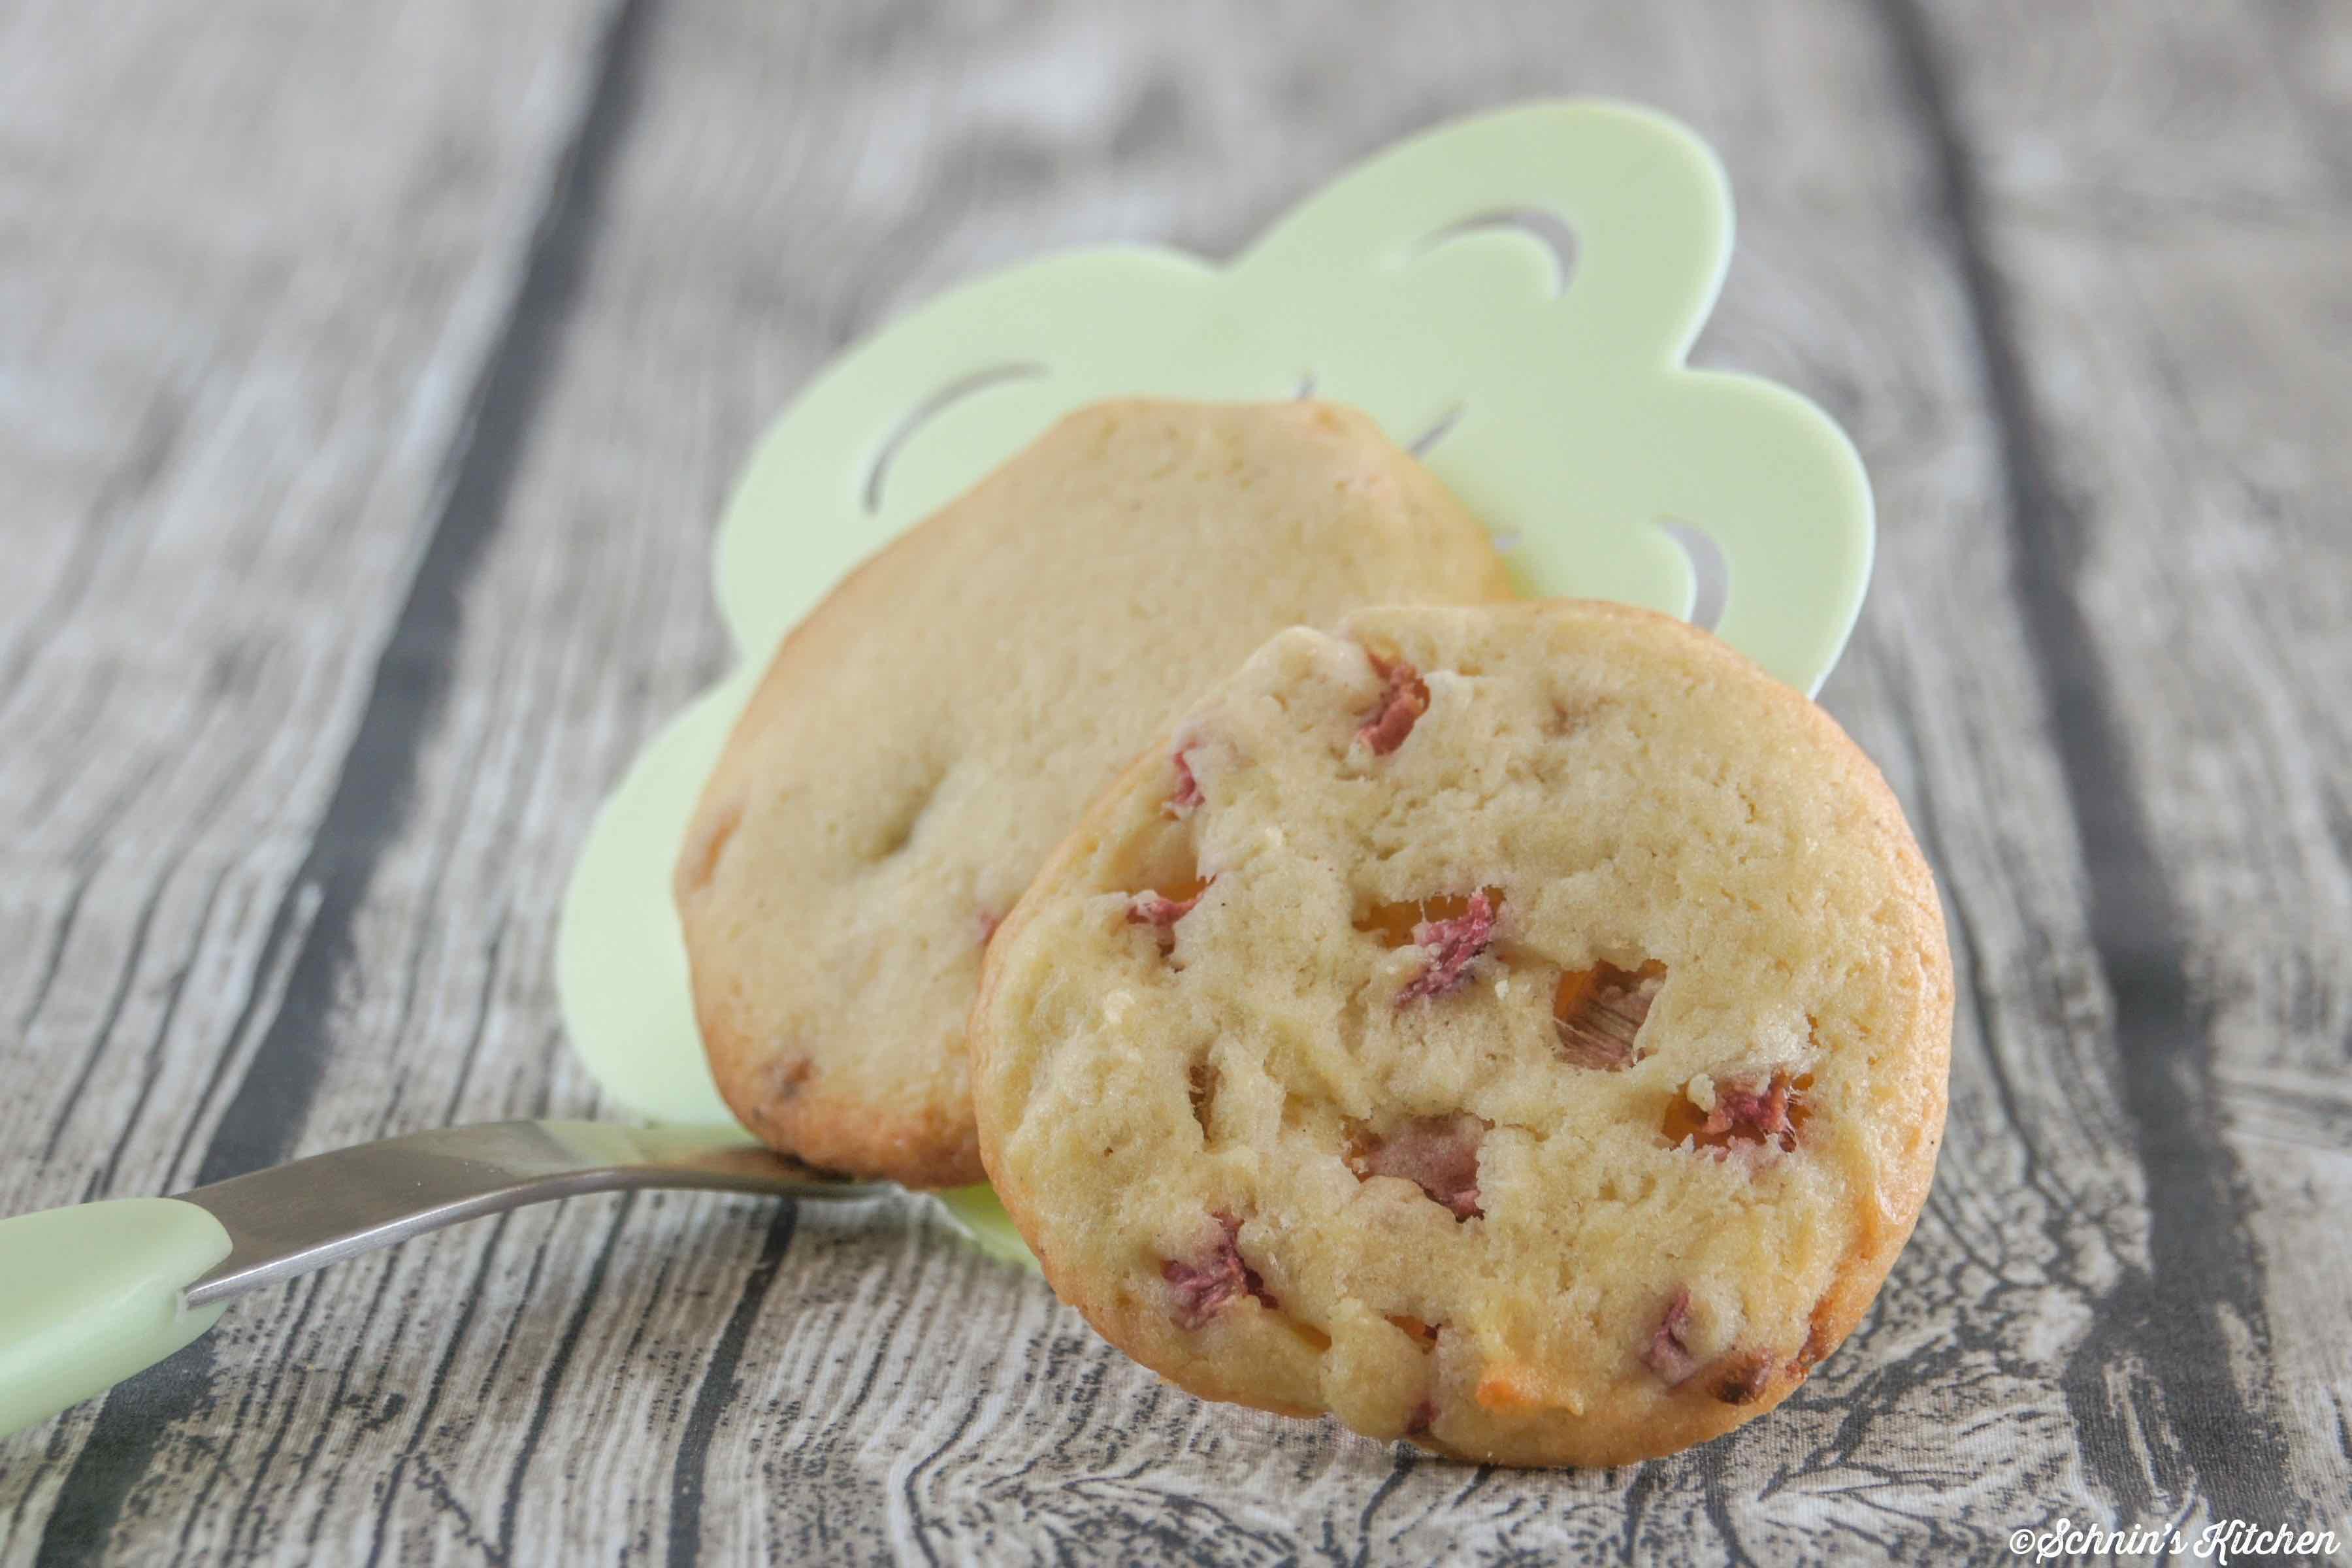 Schnin's Kitchen: Rhabarber-Cookies mit weißer Schokolade